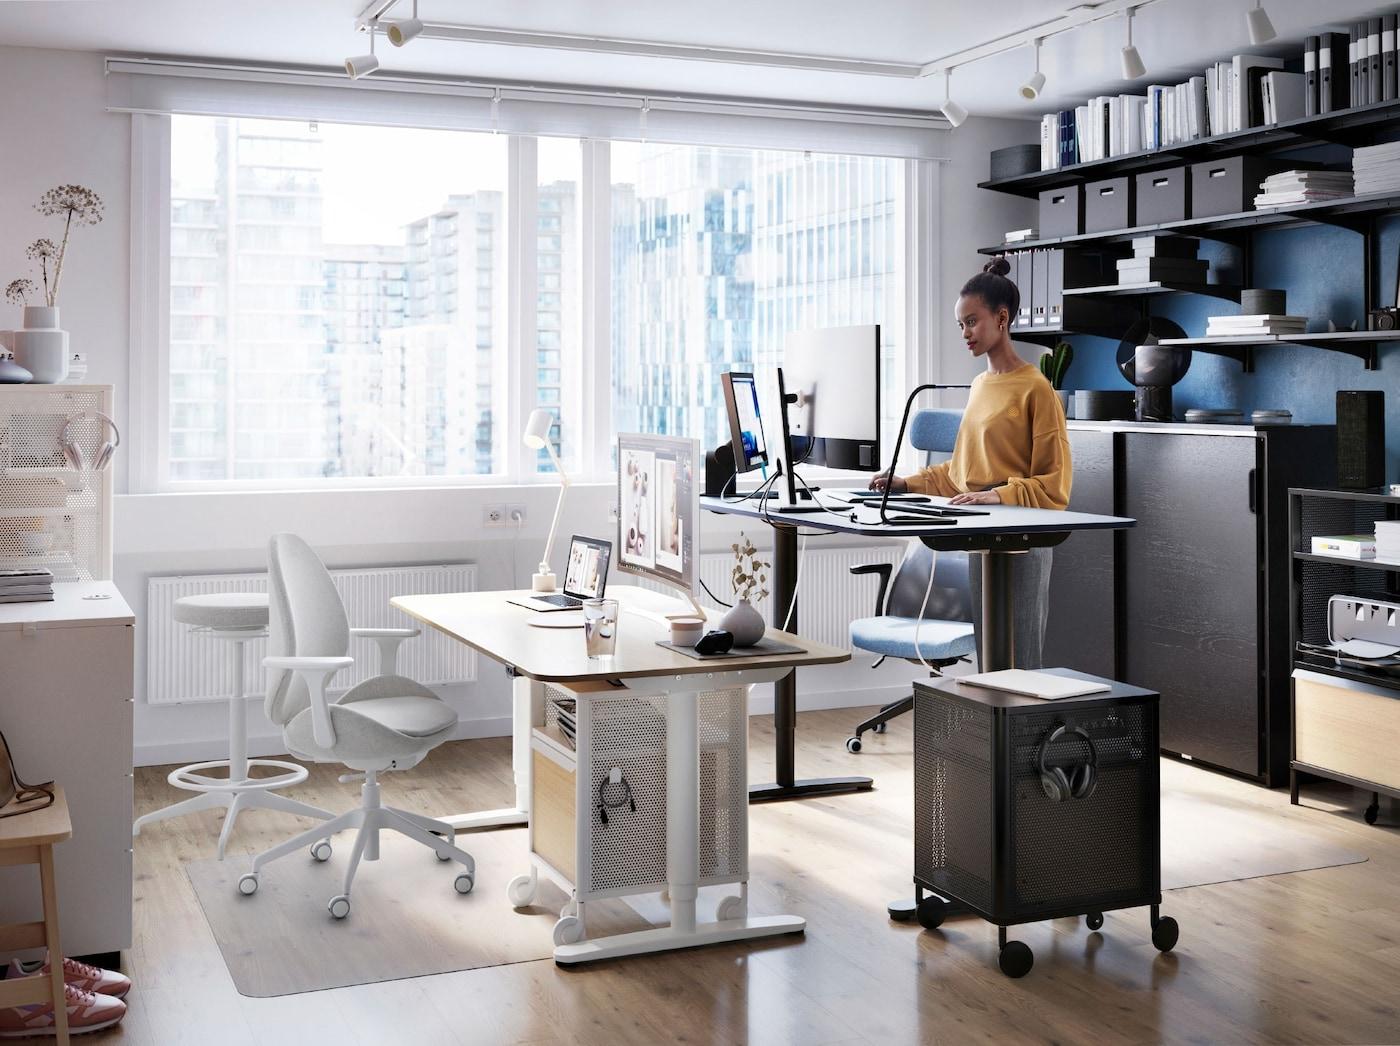 Eine Person arbeitet an einem BEKANT Sitz-/Stehschreibtisch neben einem großen Fenster. An der Wand dahinter stehen viele Aktenordner in einer ALGOT Regalkombination.